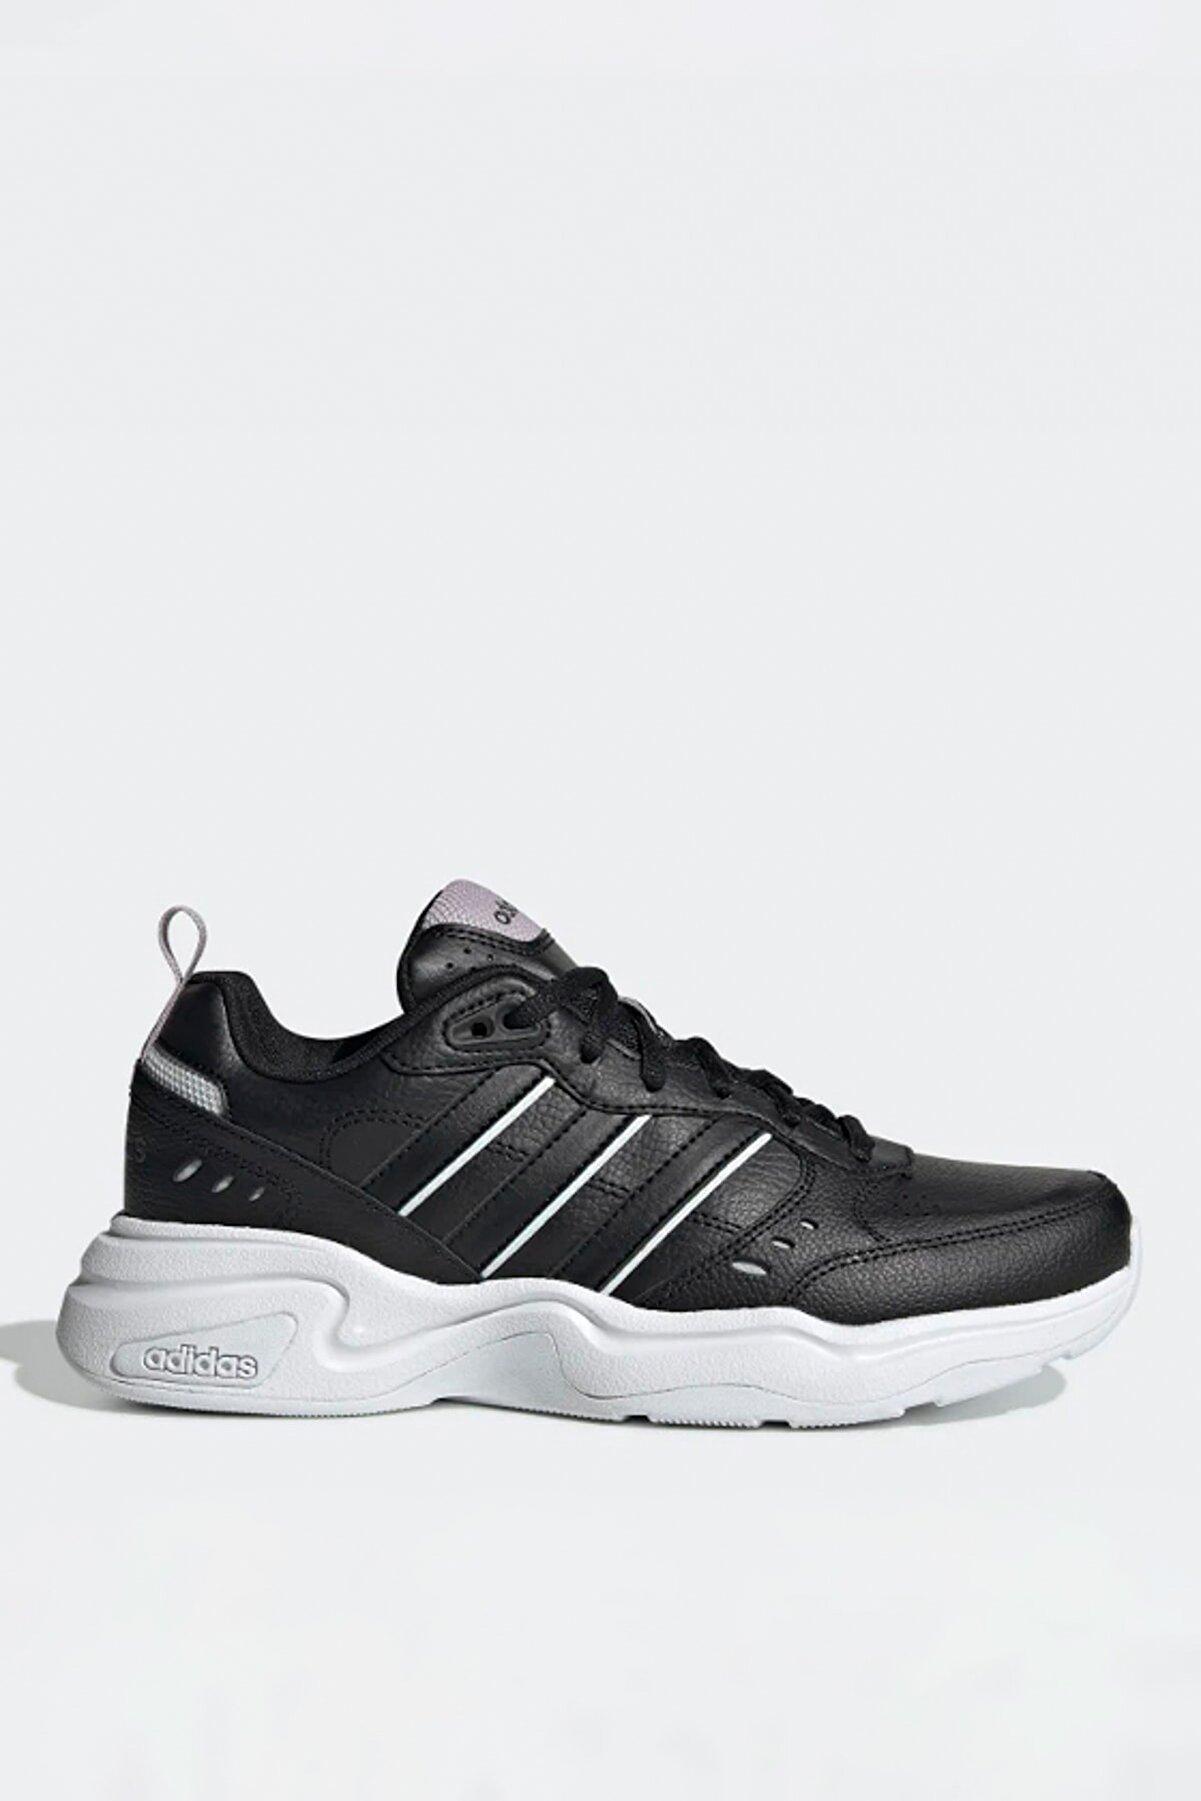 adidas Kadın Günlük Spor Ayakkabı Strutter Eg2688